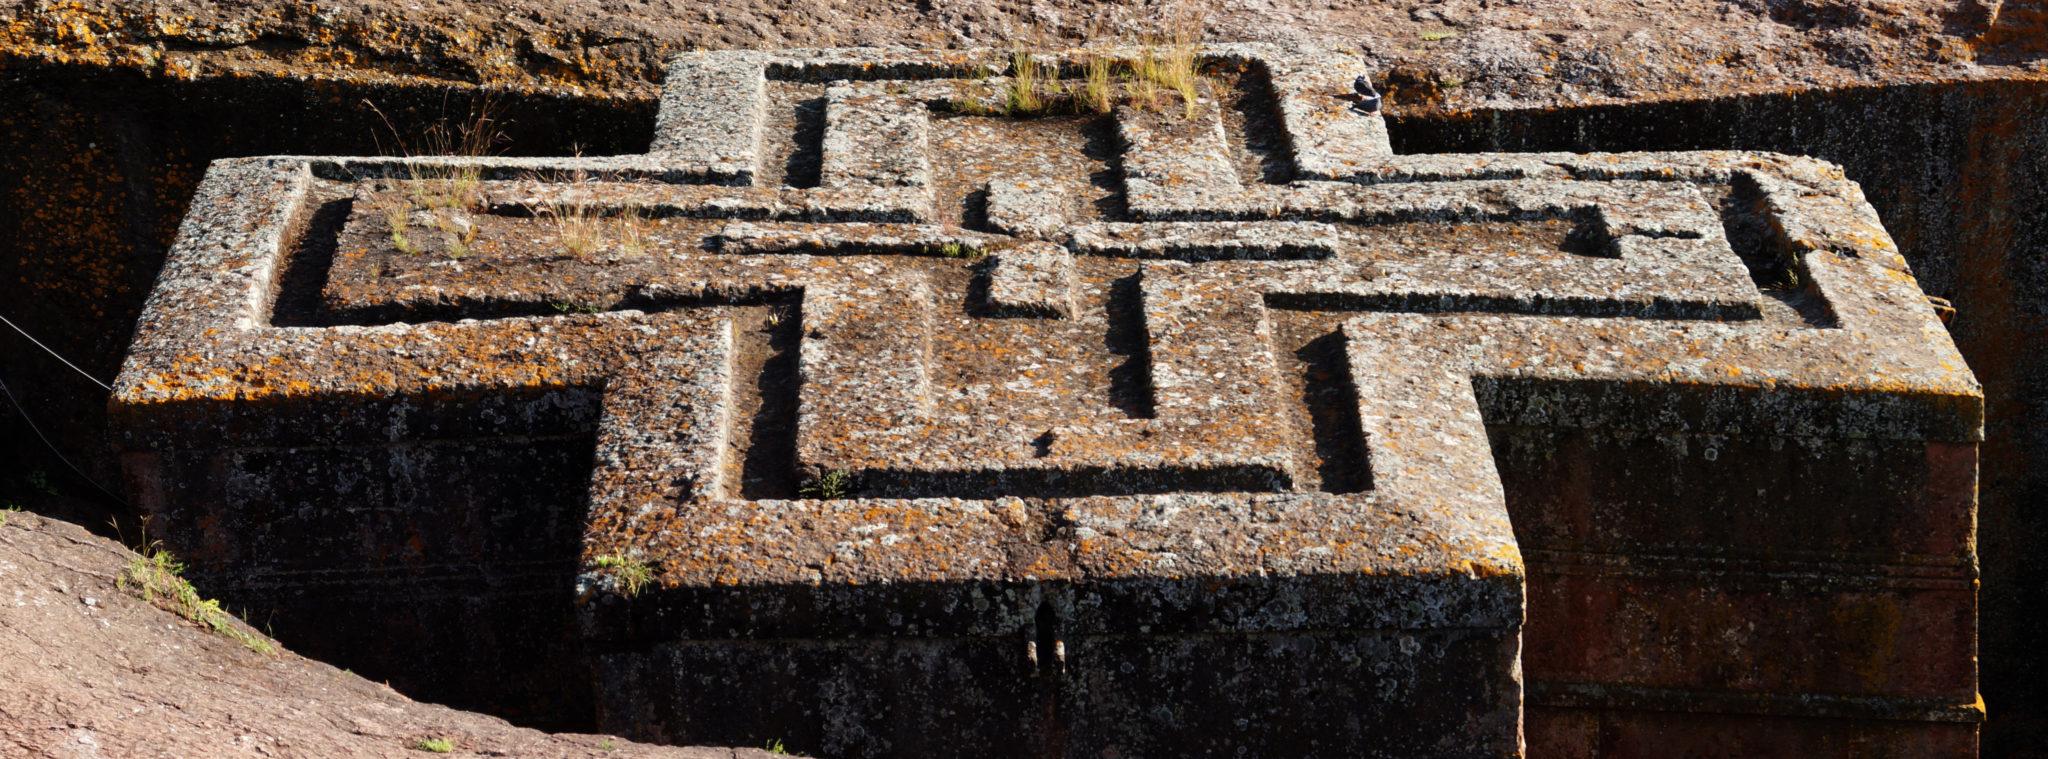 Aethiopien-Sehenswuerdigkeiten-Lalibela_Felsenkirchen-Slider